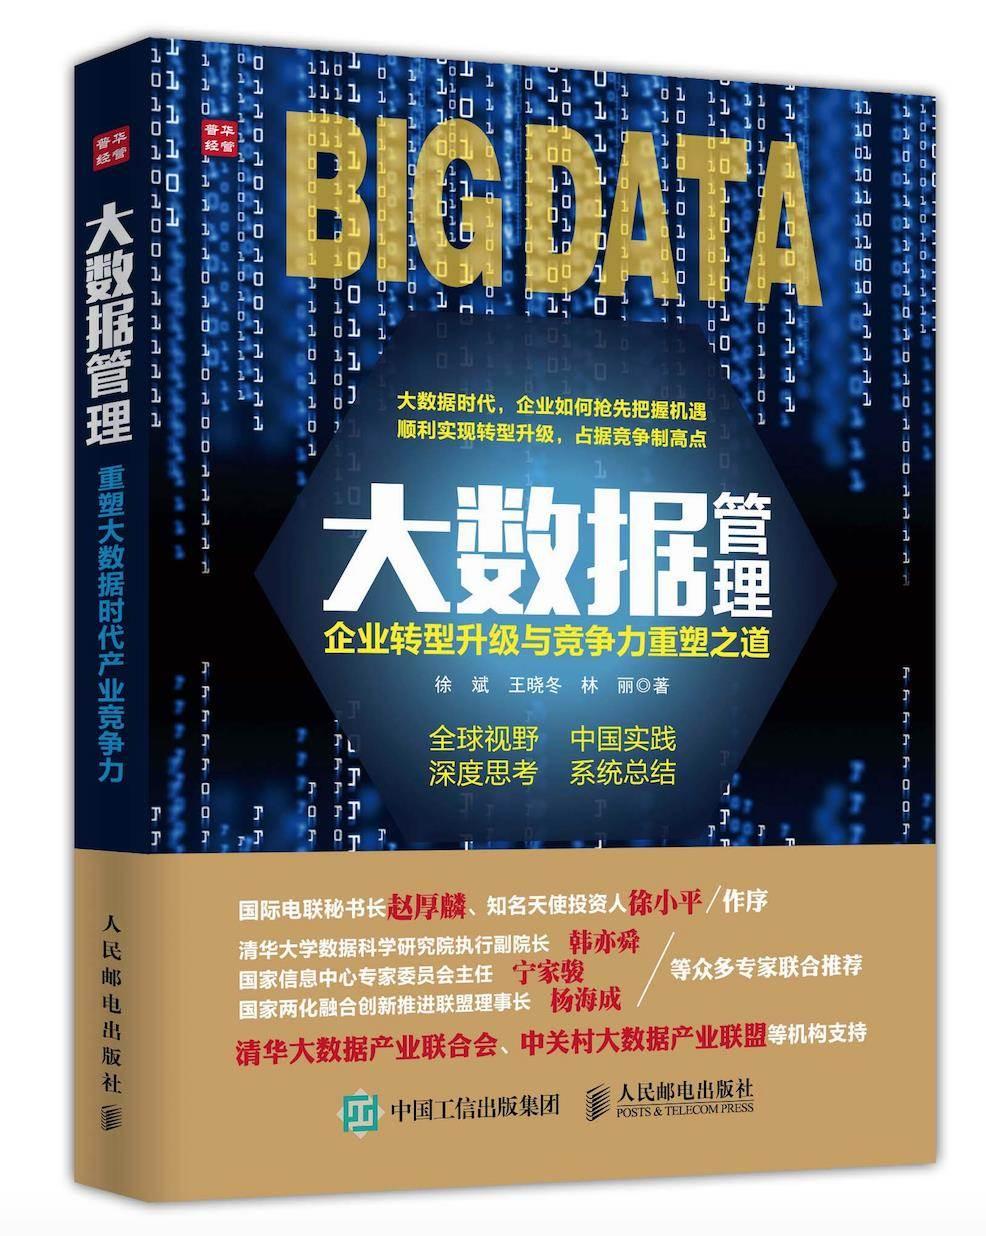 大数据书图片.png